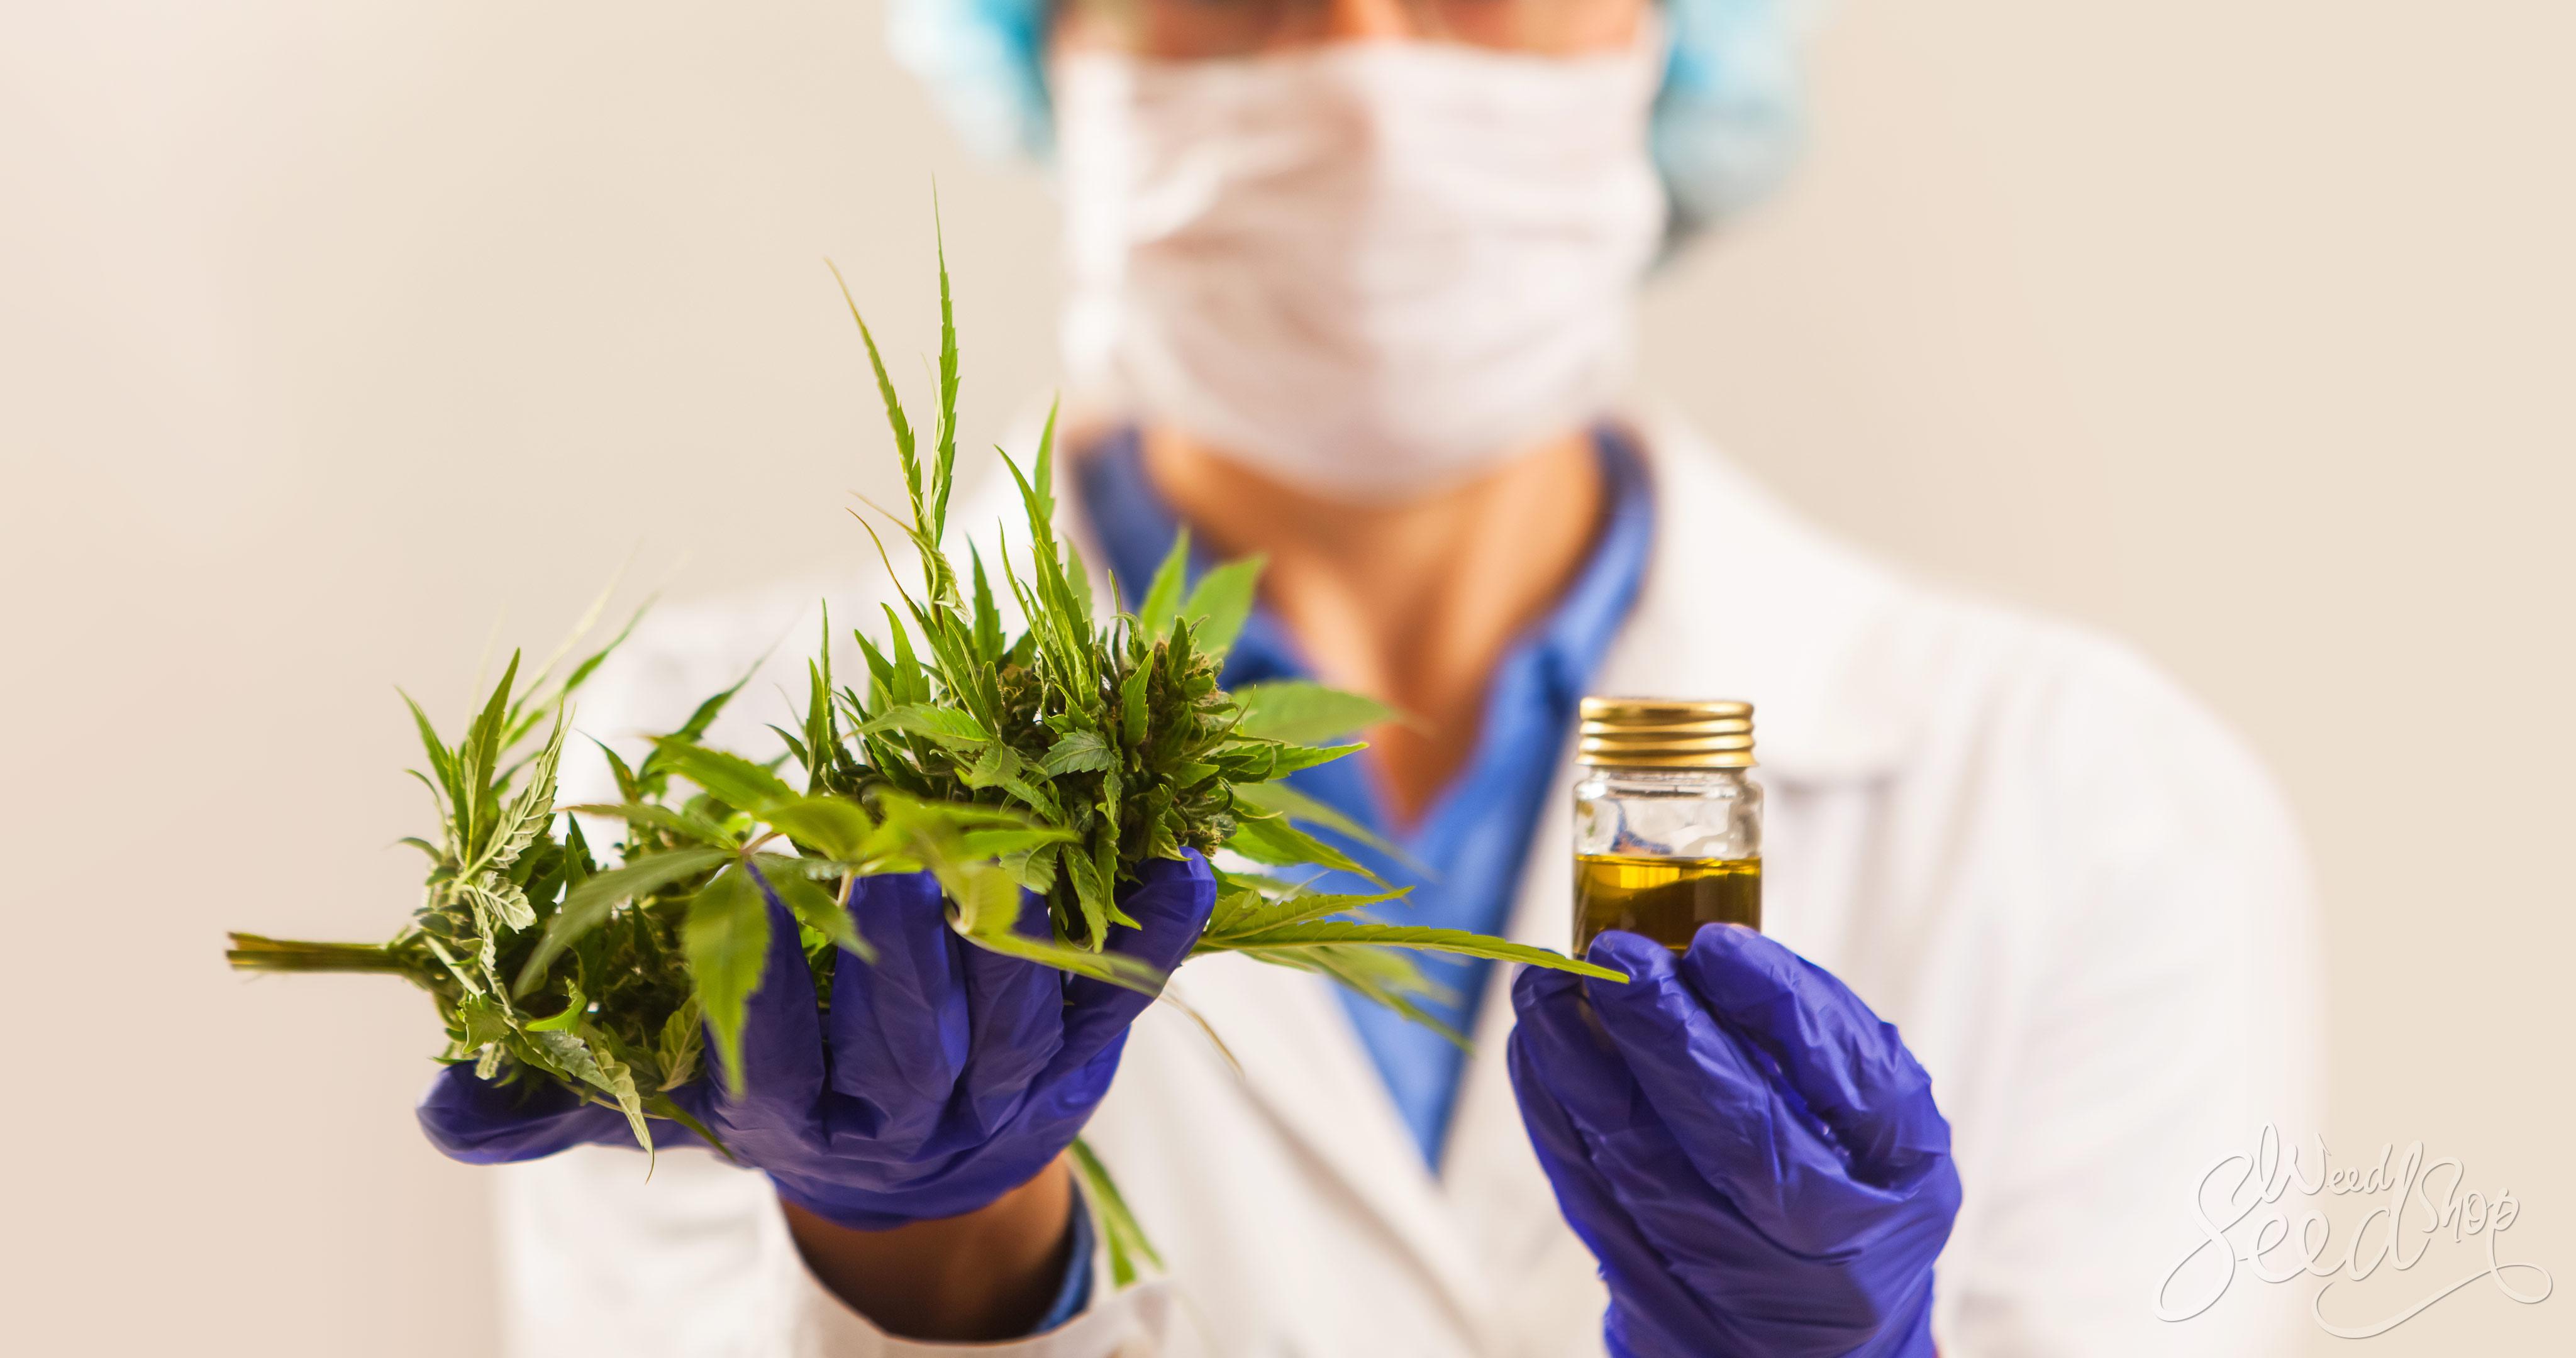 Médecine des plantes et effet d'entourage - WeedSeedShop